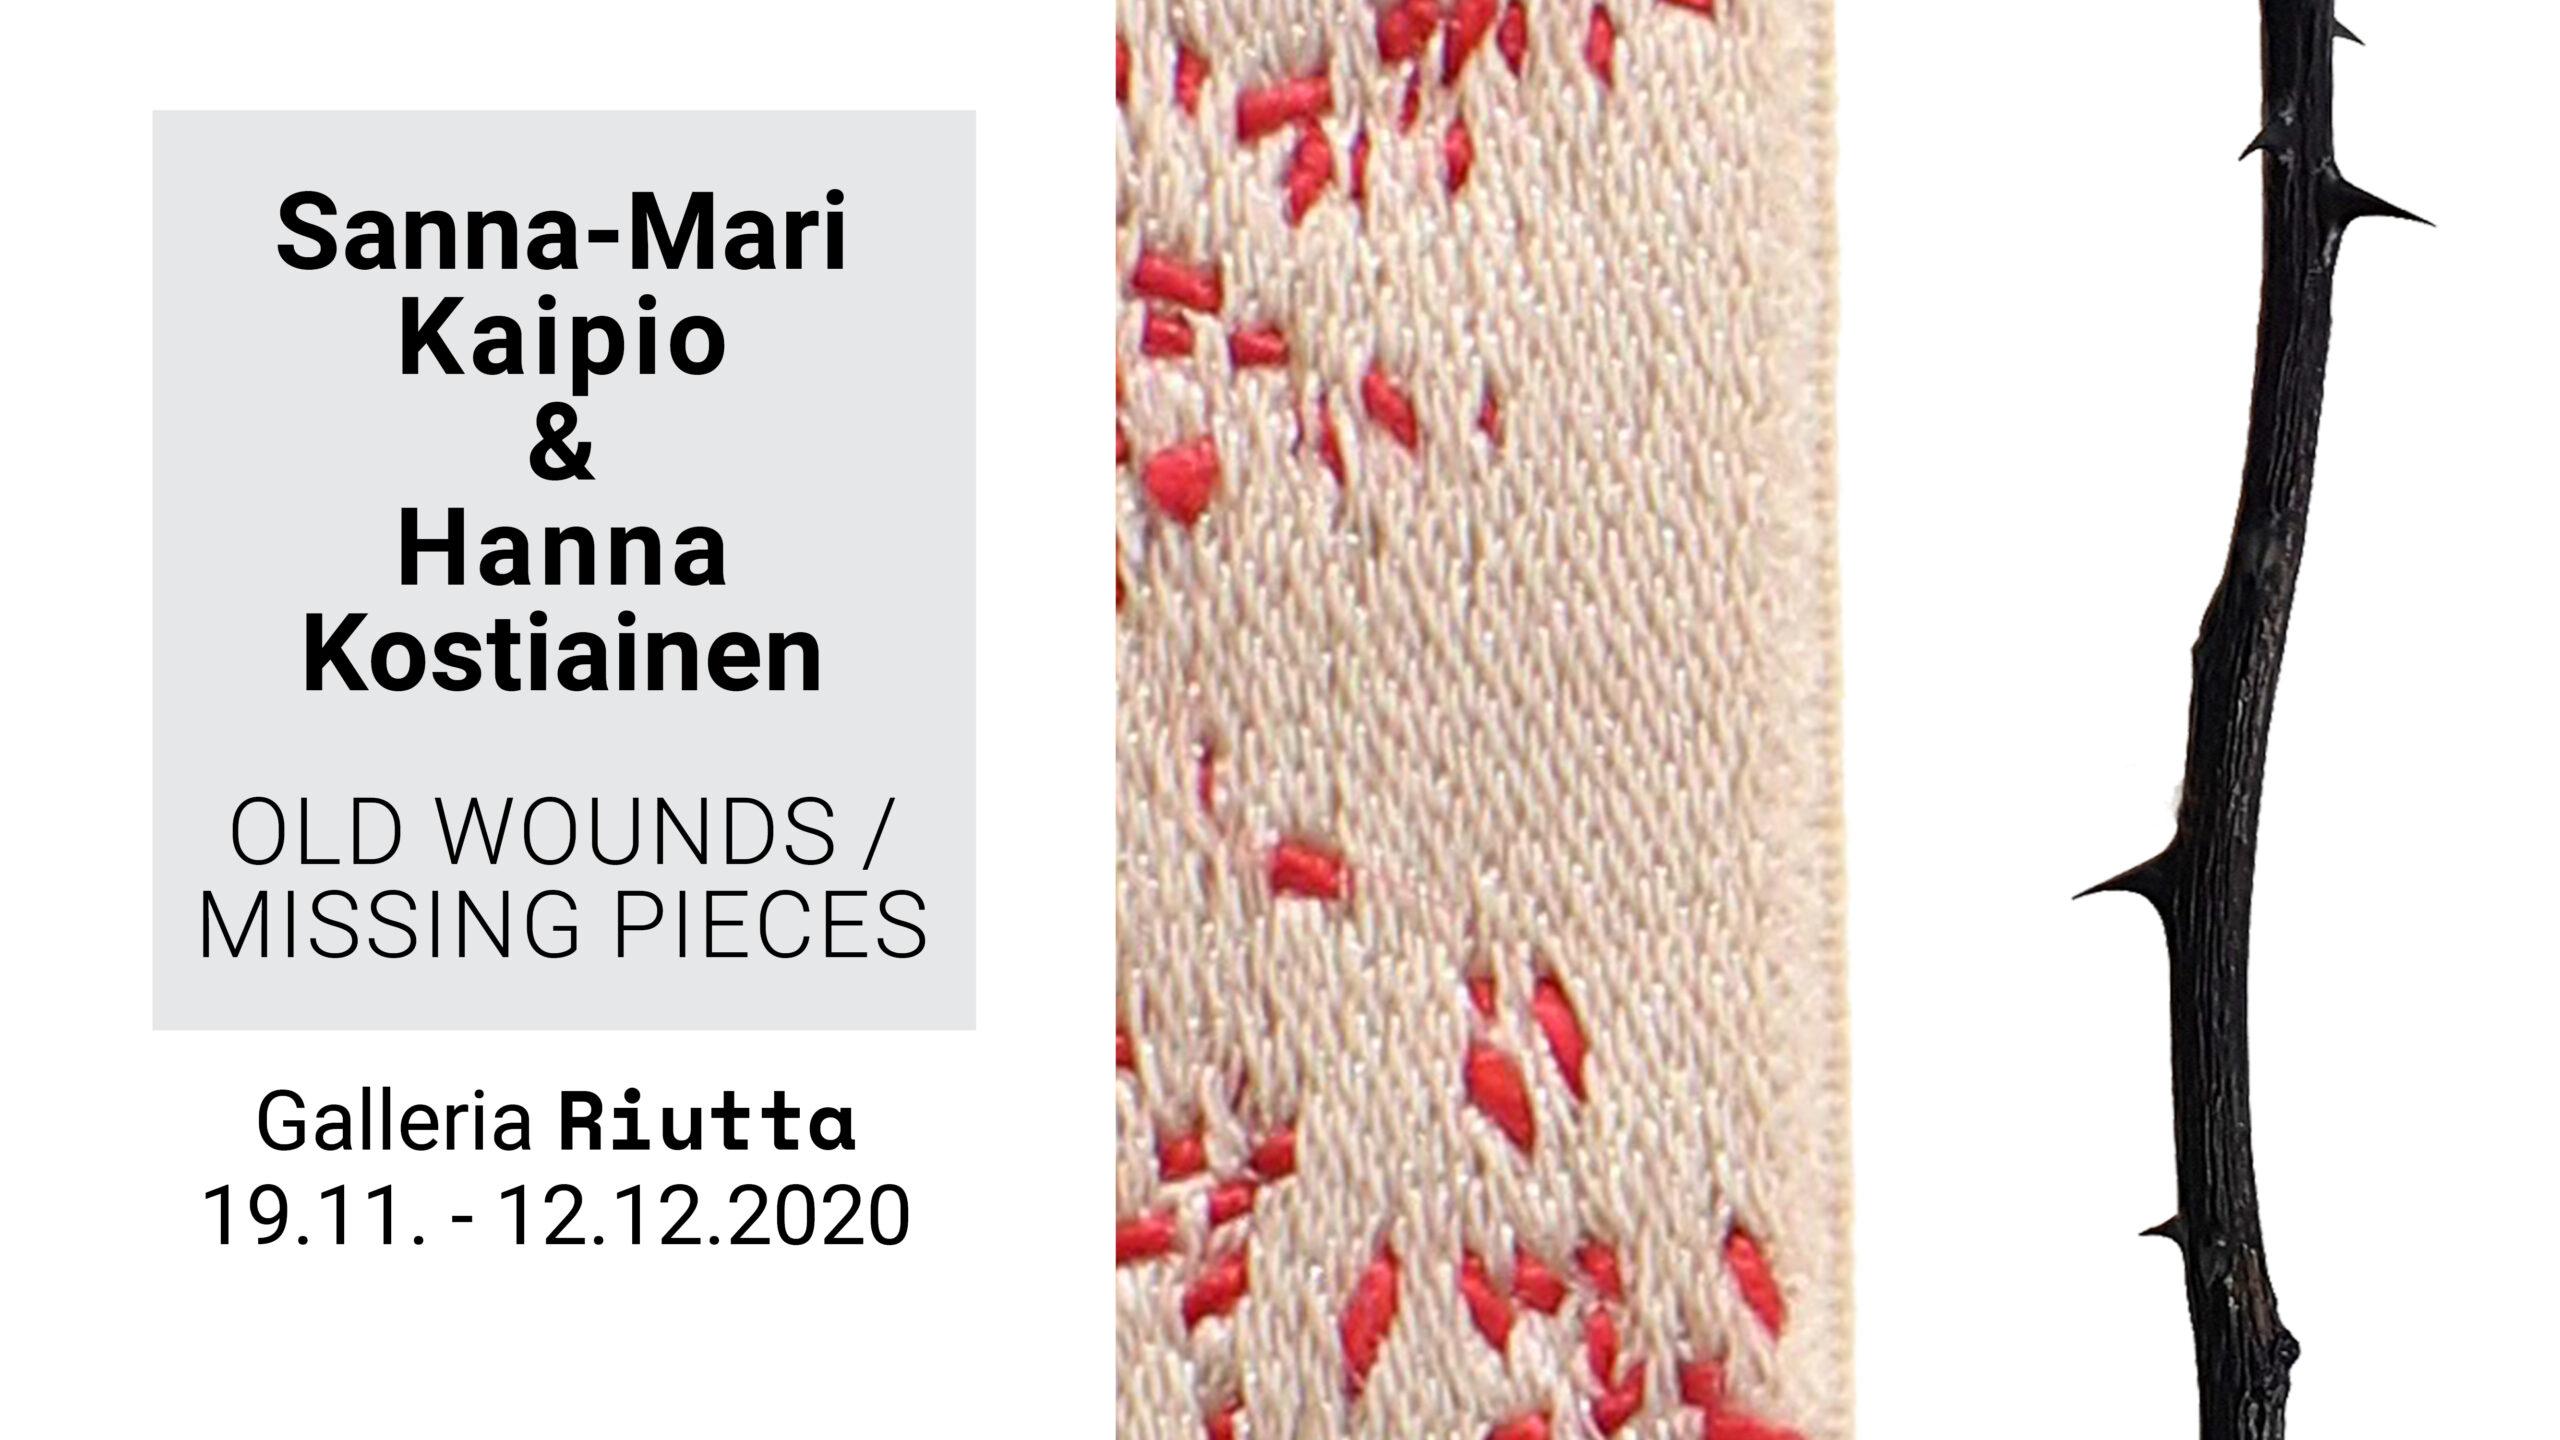 RIUTTA  – Sanna-Mari Kaipio & Hanna Kostiainen — Old Wounds/ Missing Pieces 19.11.-12.12.2020